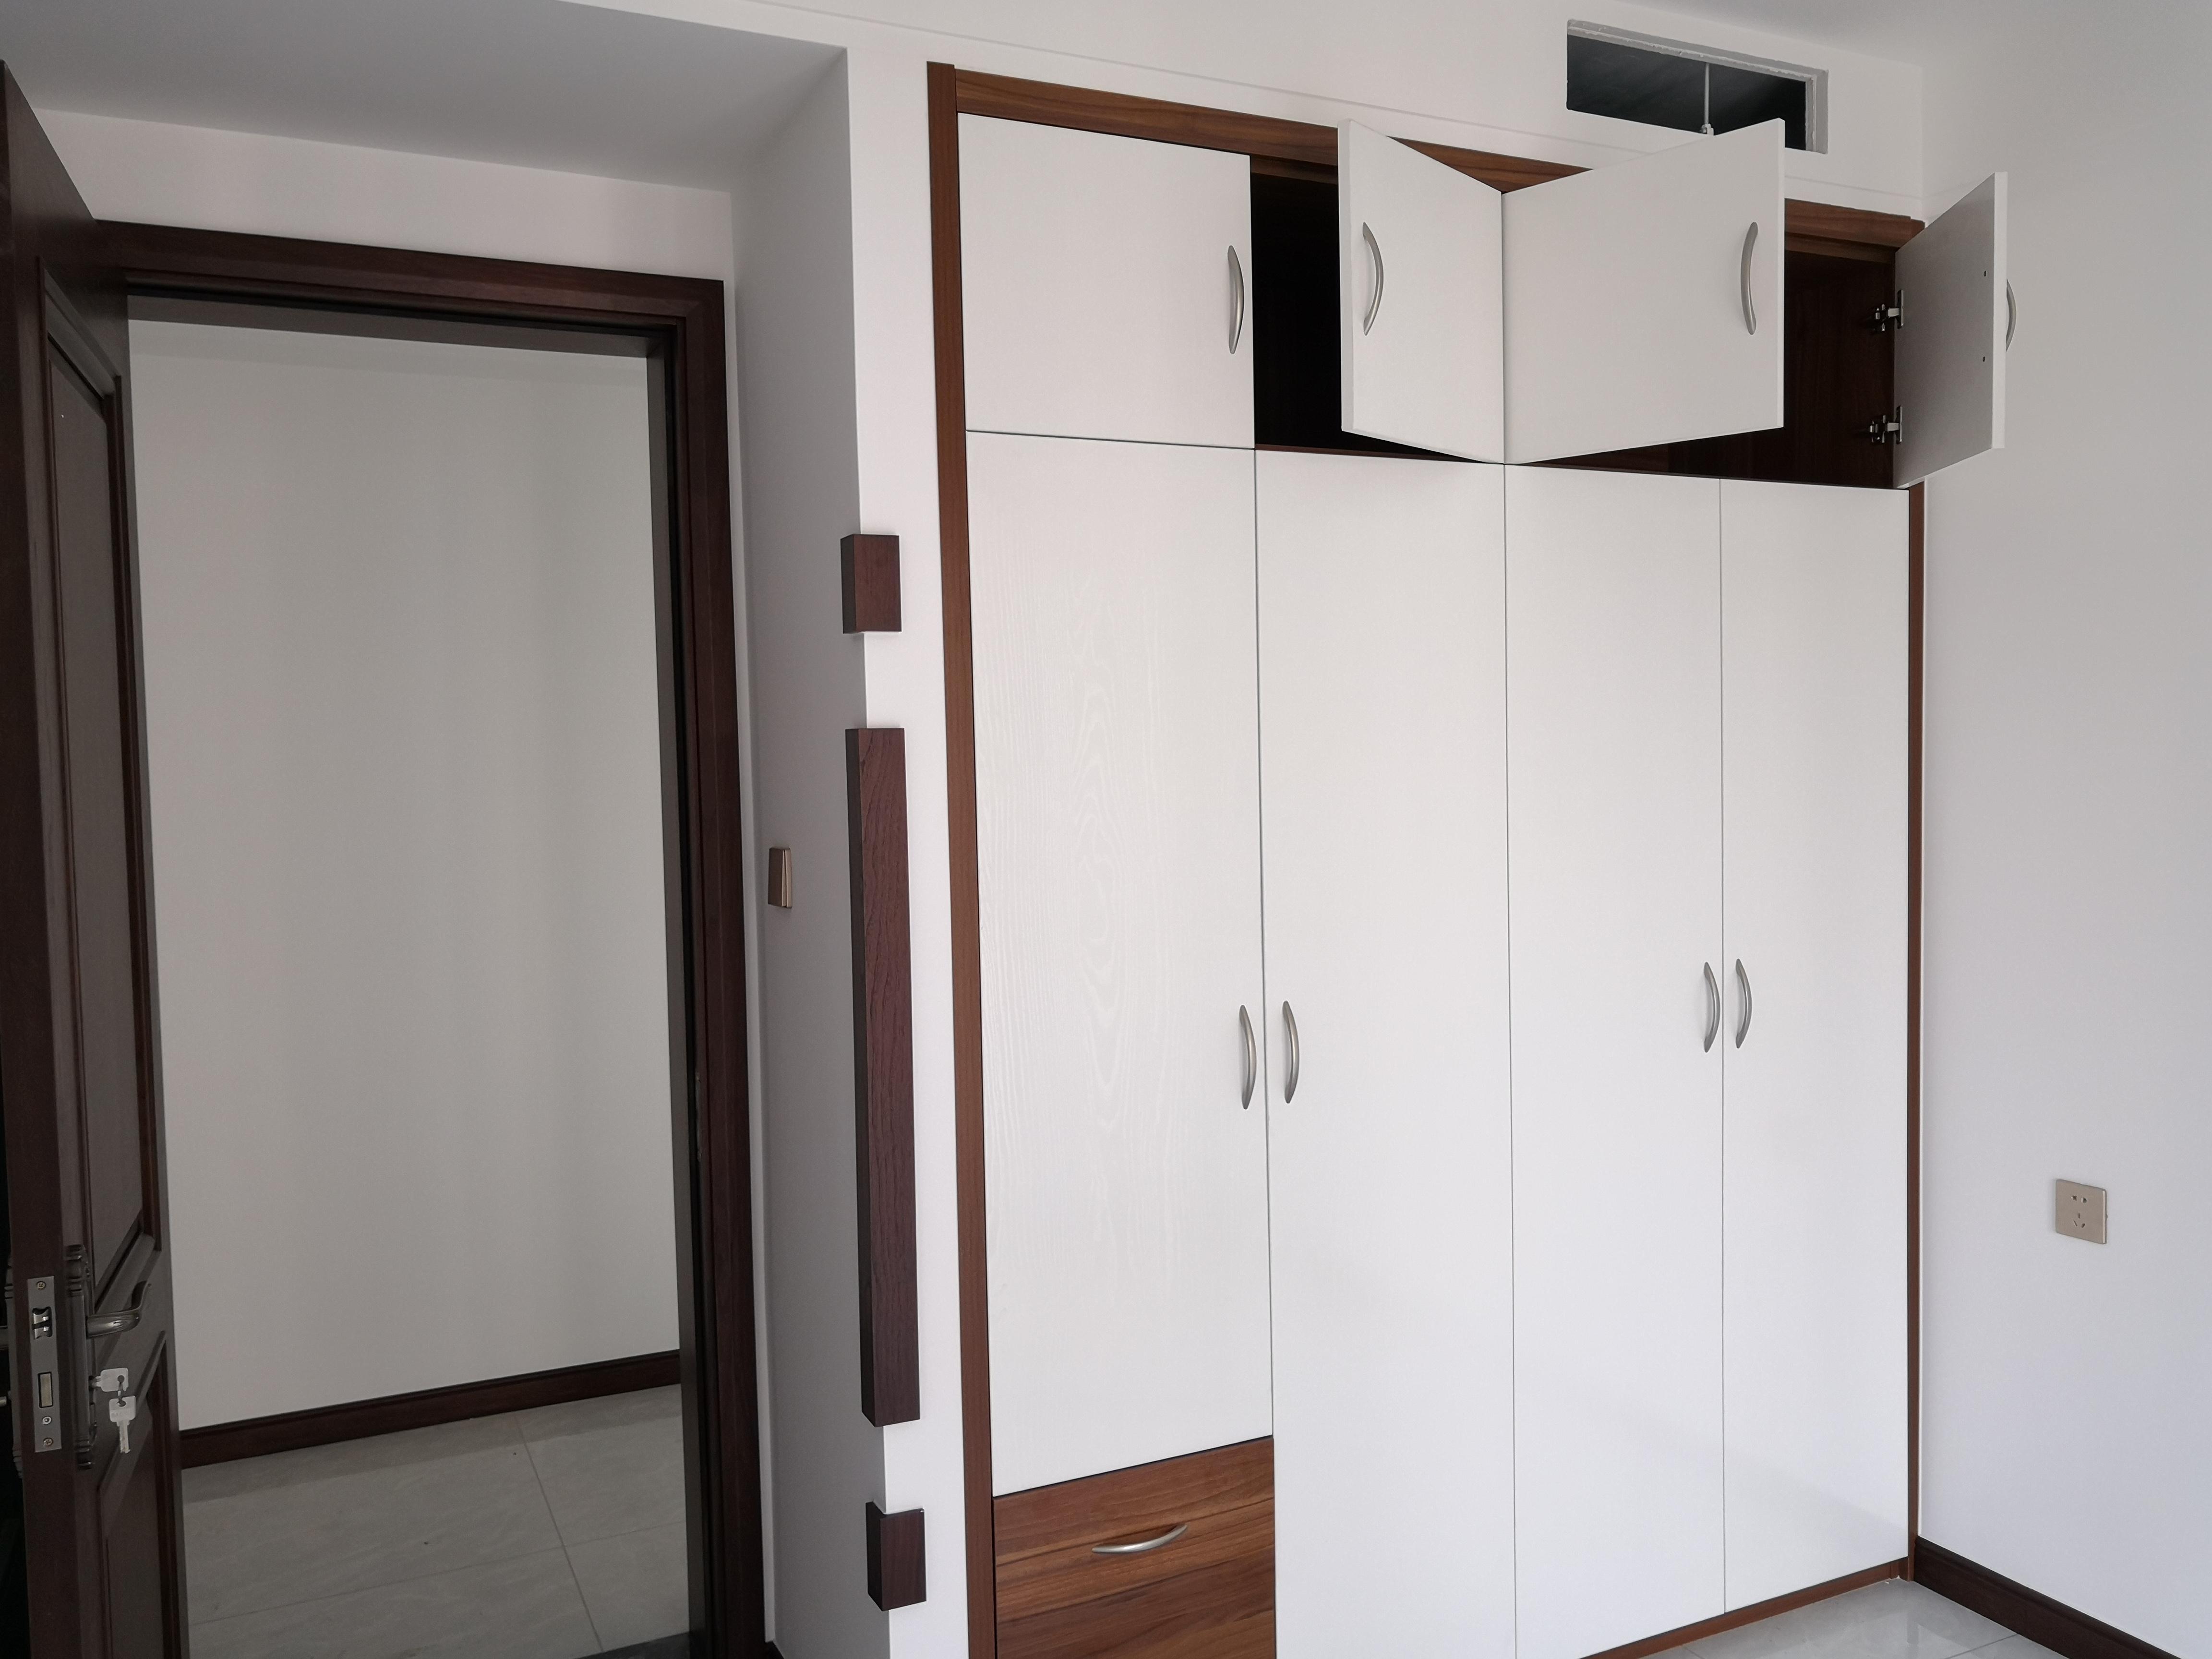 衣柜嵌入式要怎么做 侧边砌堵10cm薄墙美观实用